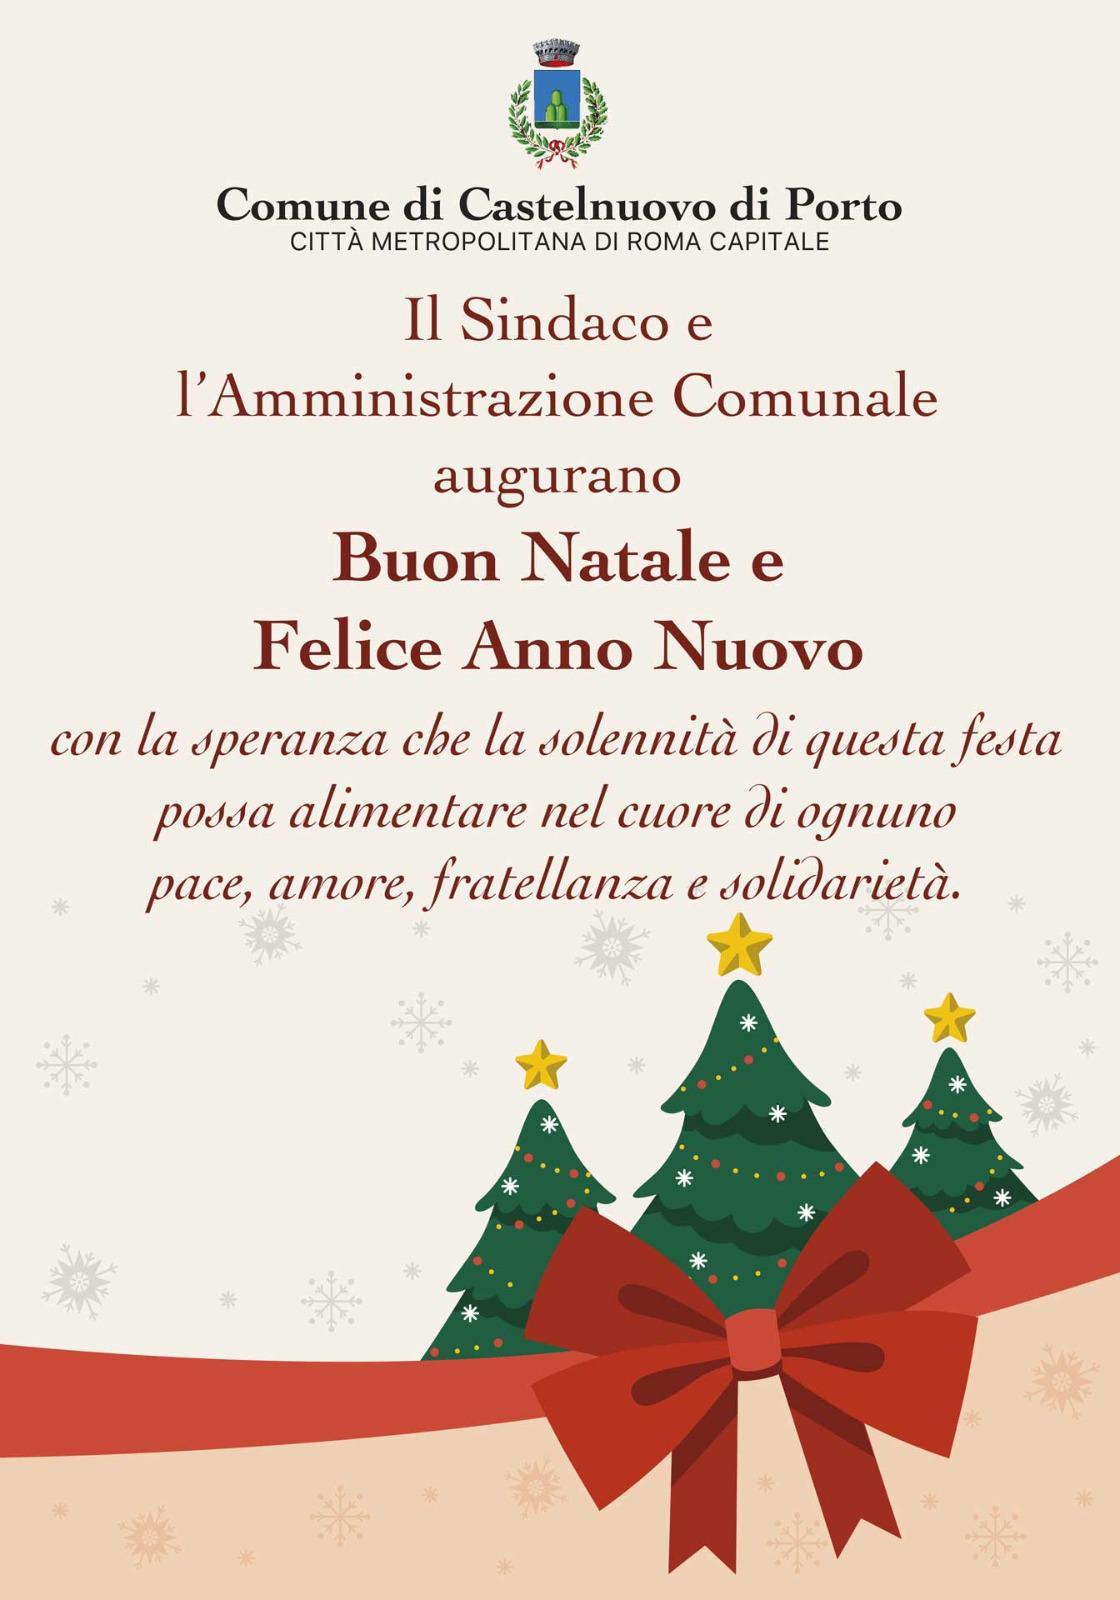 Auguri Di Buon Natale E Buon Anno.Auguri Di Buon Natale E Felice Anno Nuovo